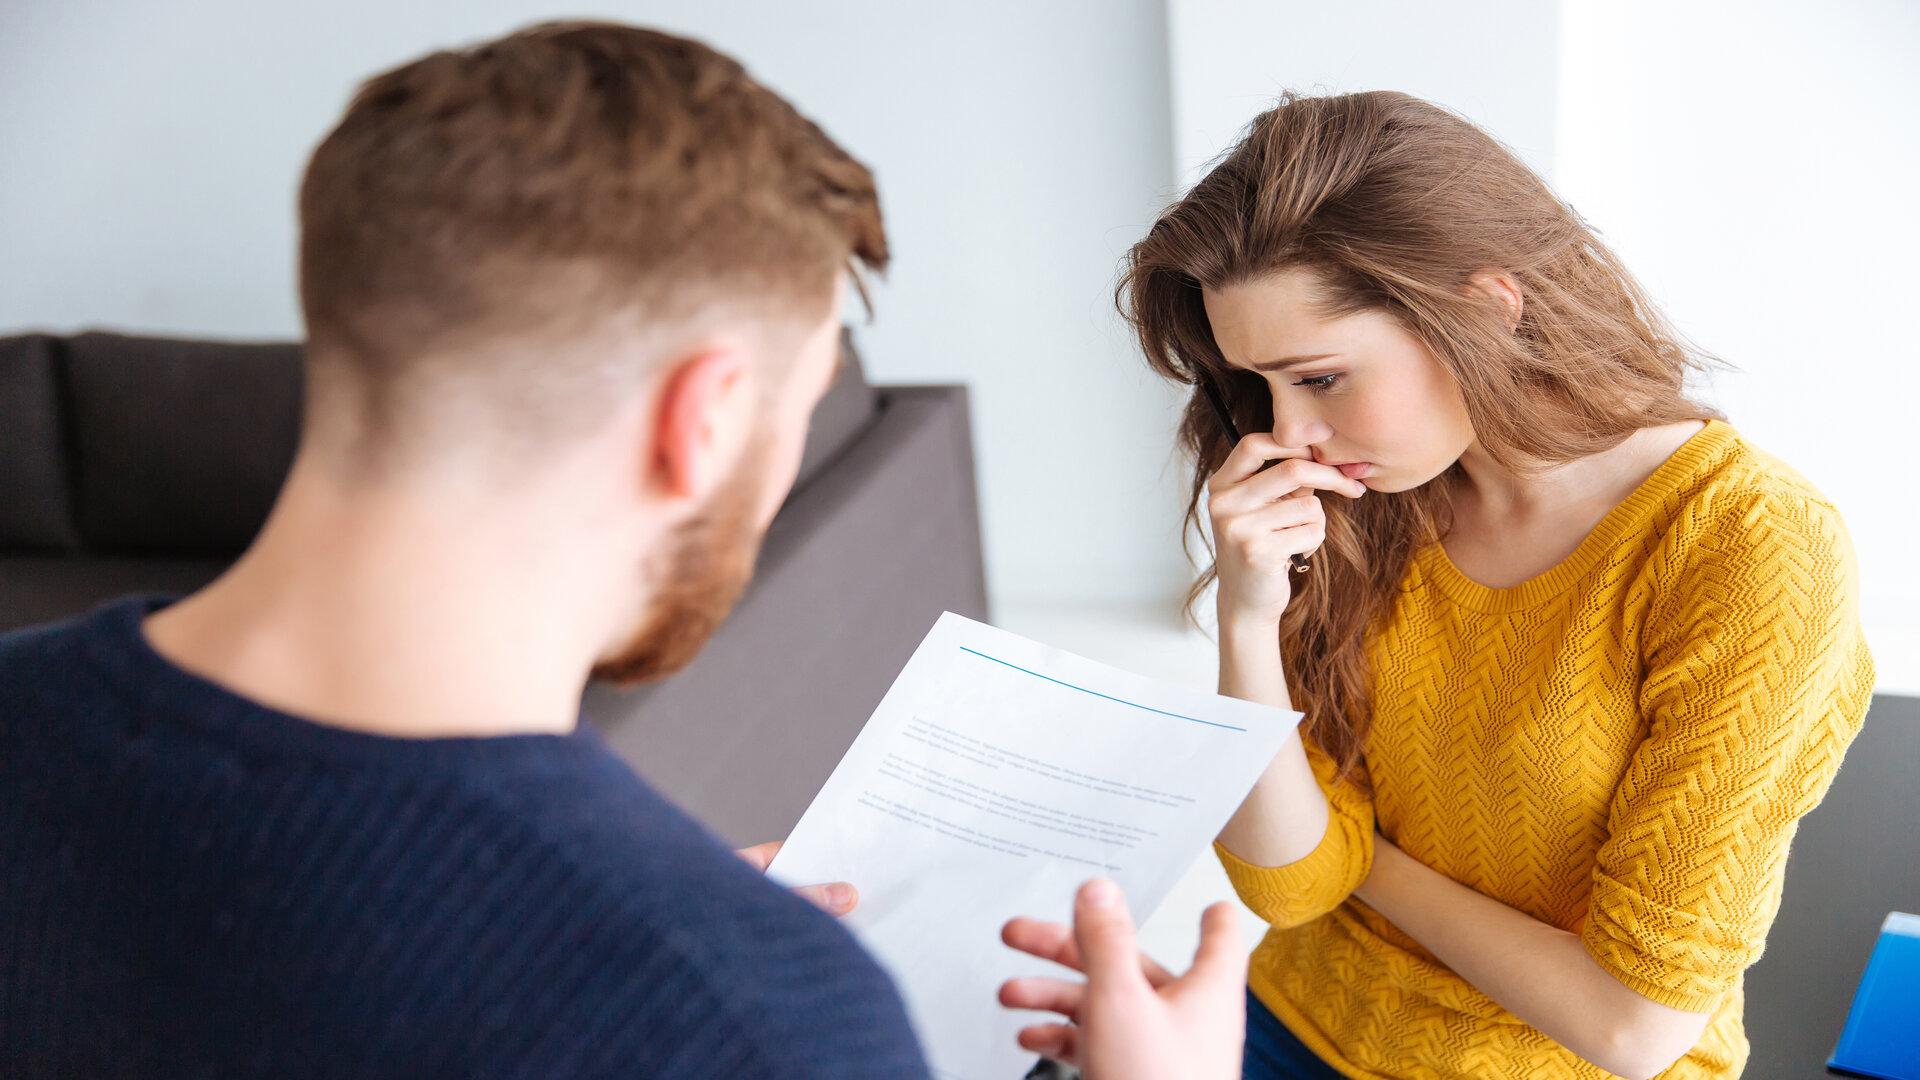 Ces conseils peuvent vous aider, vous et votre partenaire :